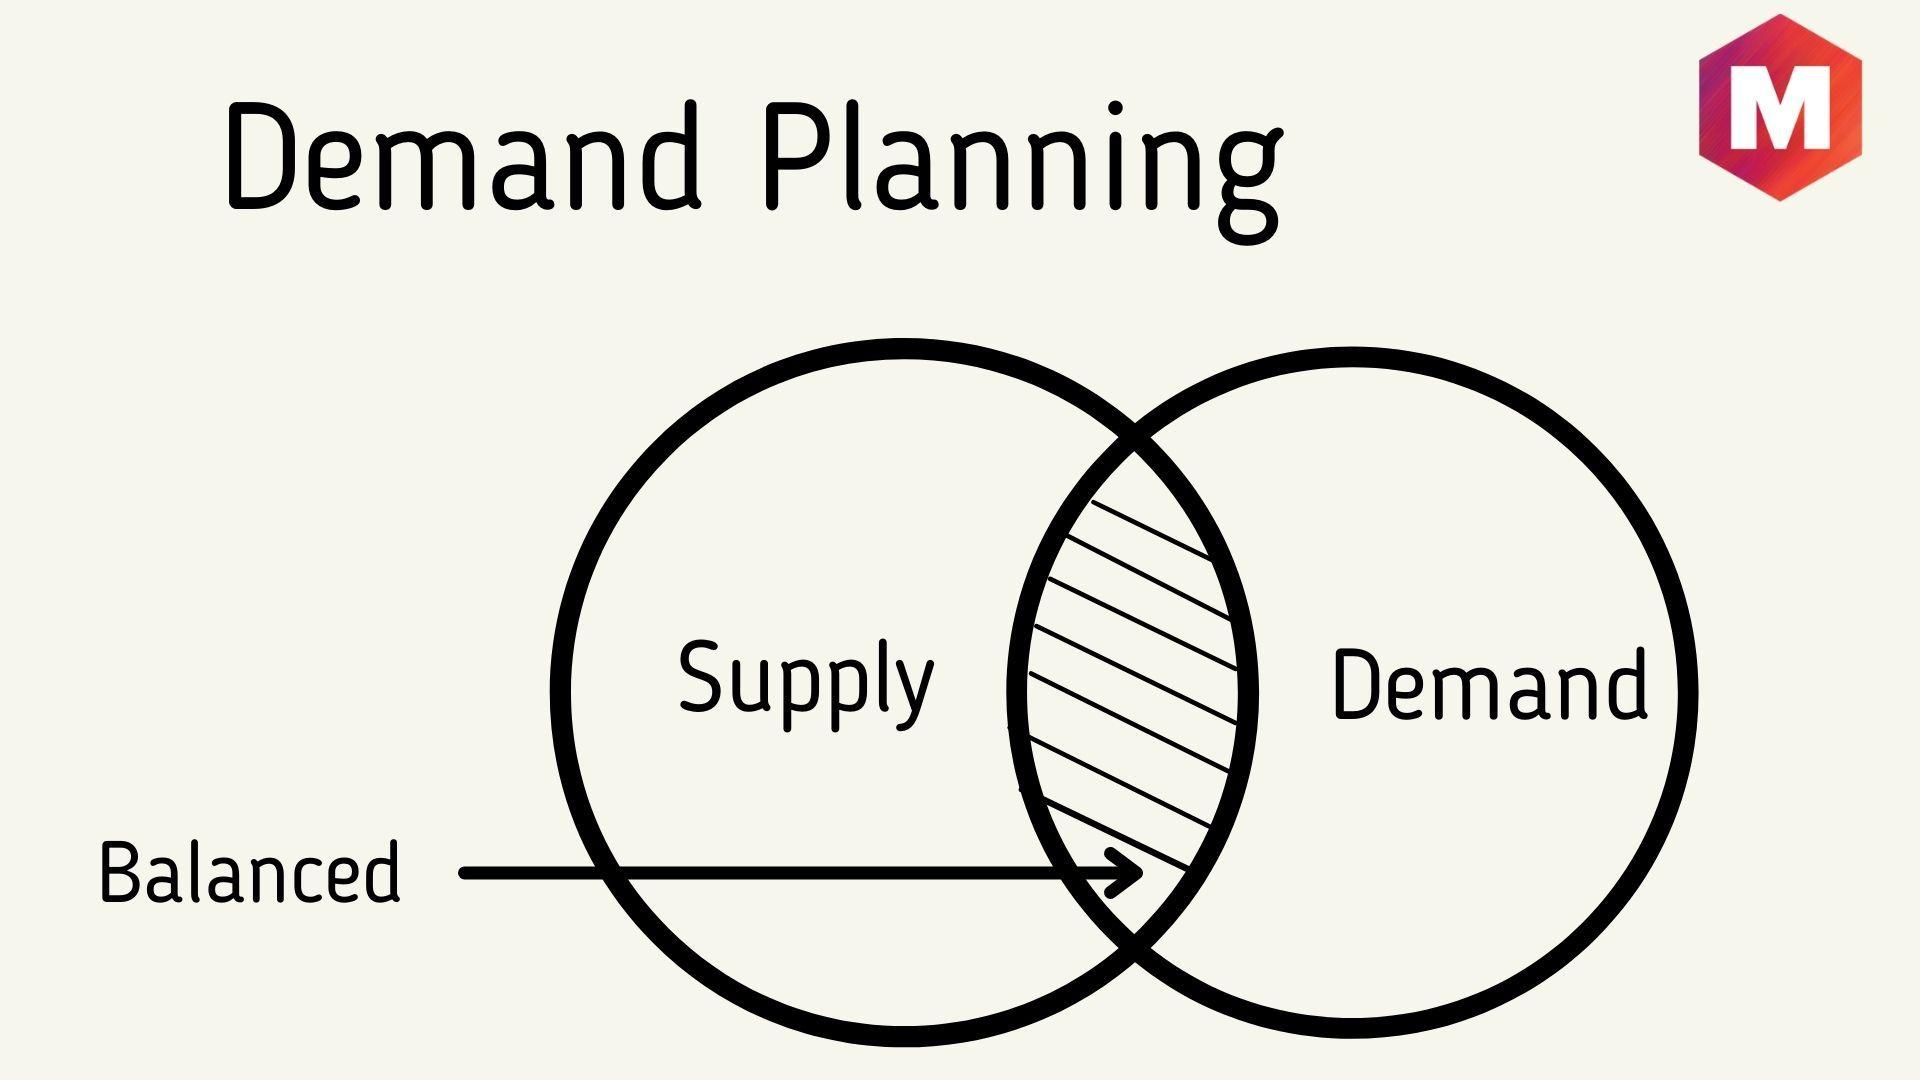 Demand Planning